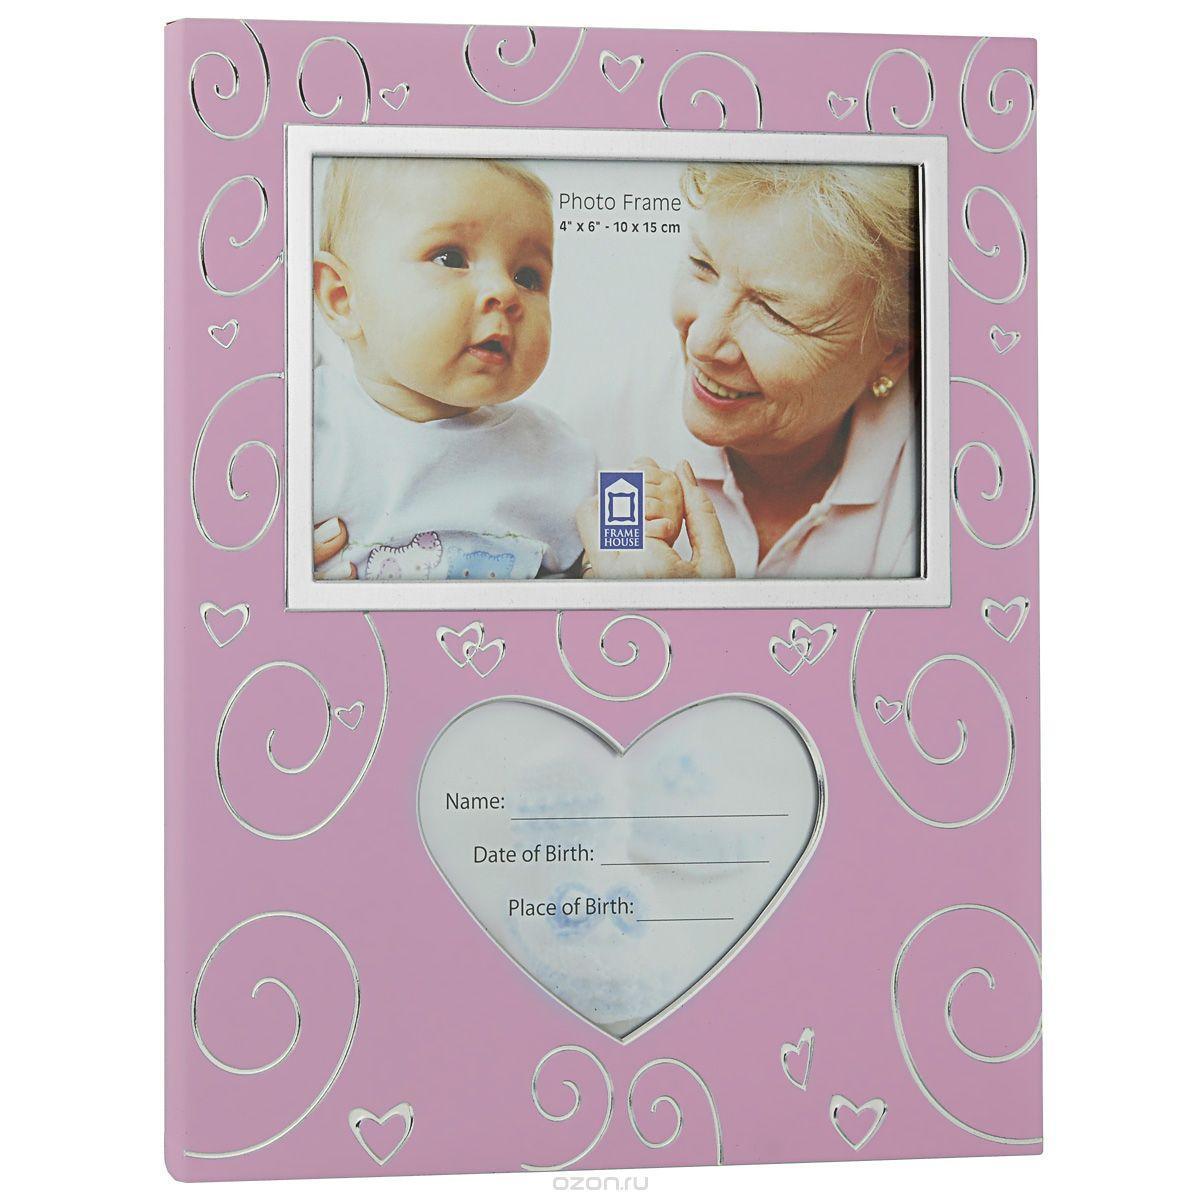 ФоторамкаPATA T8715P 10X15для девочекБрелок для ключейФоторамка PATA - прекрасный способ красиво оформить фотографию вашего малыша. Фоторамка выполнена из металла, покрытого краской голубого цвета, и украшена красивым рельефом. Внизу расположено поле в виде сердечка для записи имени, даты рождения и места рождения вашего ребенка. Фоторамку можно поставить на стол с помощью специальной ножки или подвесить на стену, для чего с задней стороны предусмотрены отверстия. Такая фоторамка поможет сохранить на память самые яркие моменты вашей жизни, а стильный дизайн сделает ее прекрасным дополнением интерьера комнаты.